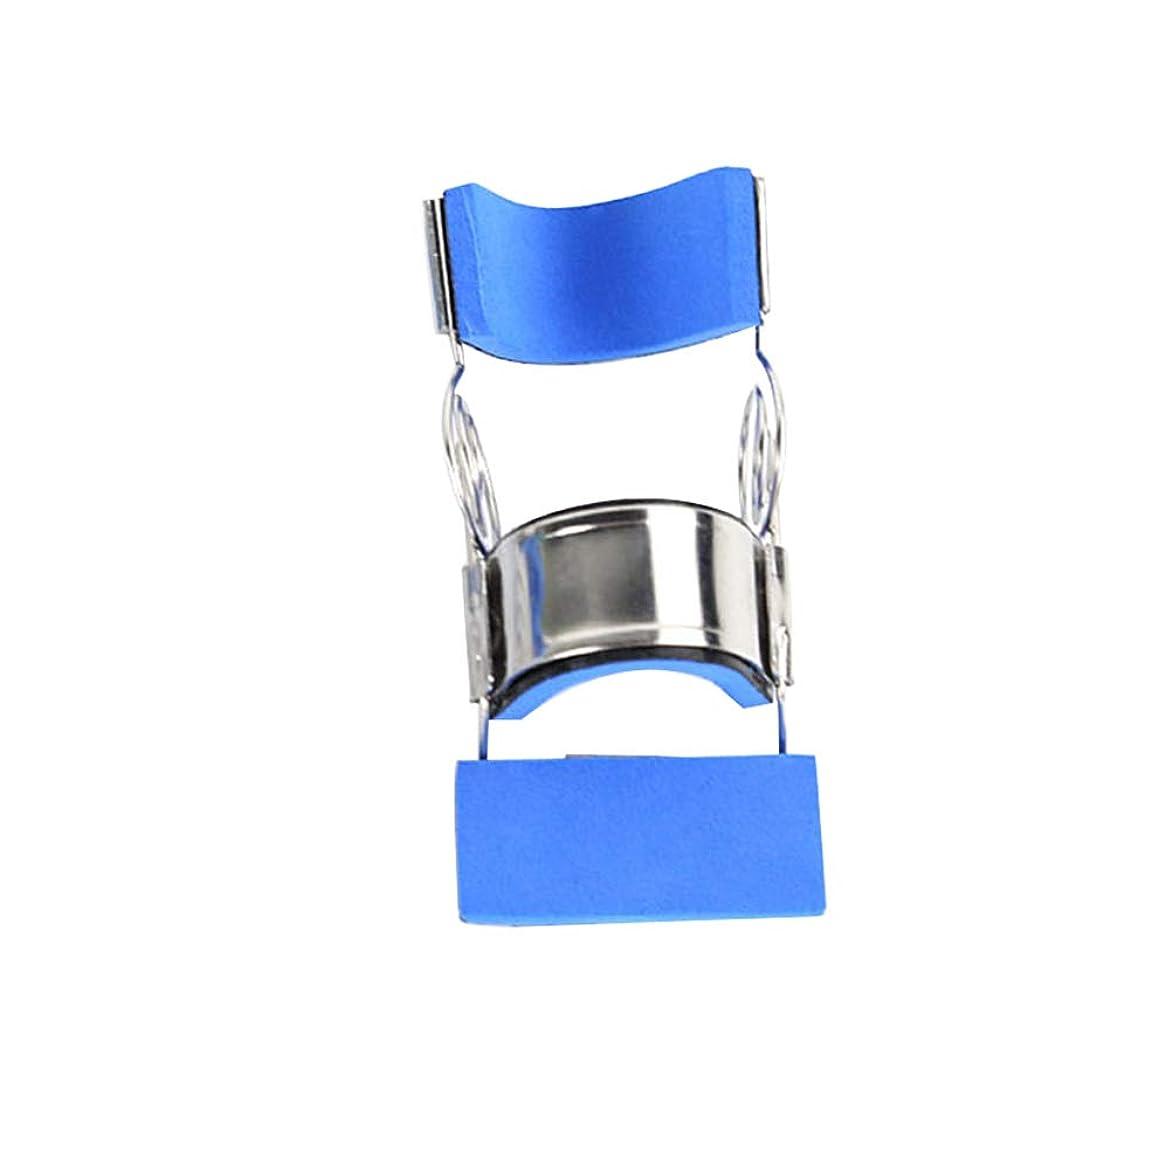 出血疎外するパッケージHealifty 指スリーブサポートプロテクターステンレス鋼指運動指関節補正骨折固定副木可動サイズl 1ピース